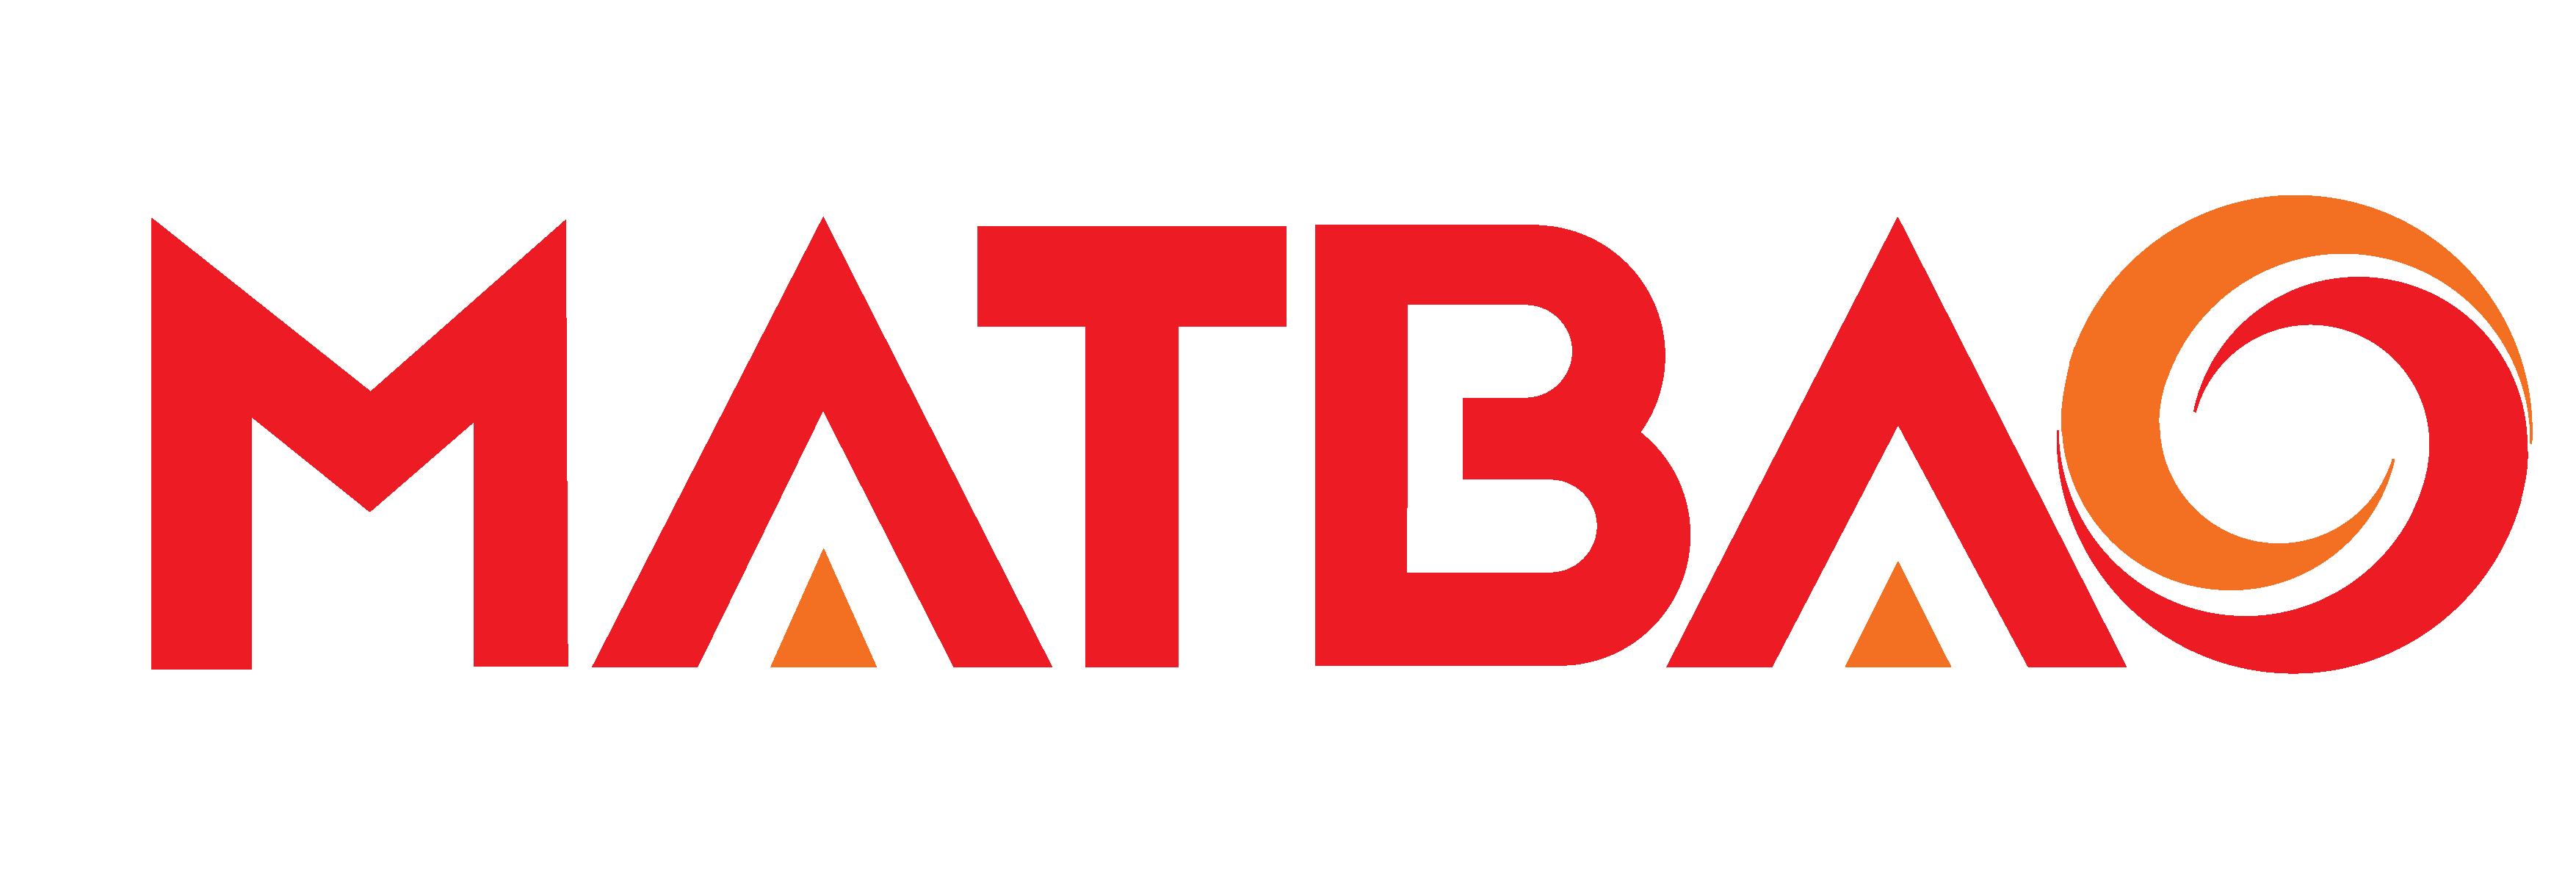 Trung tâm hỗ trợ kỹ thuật | MATBAO.NET